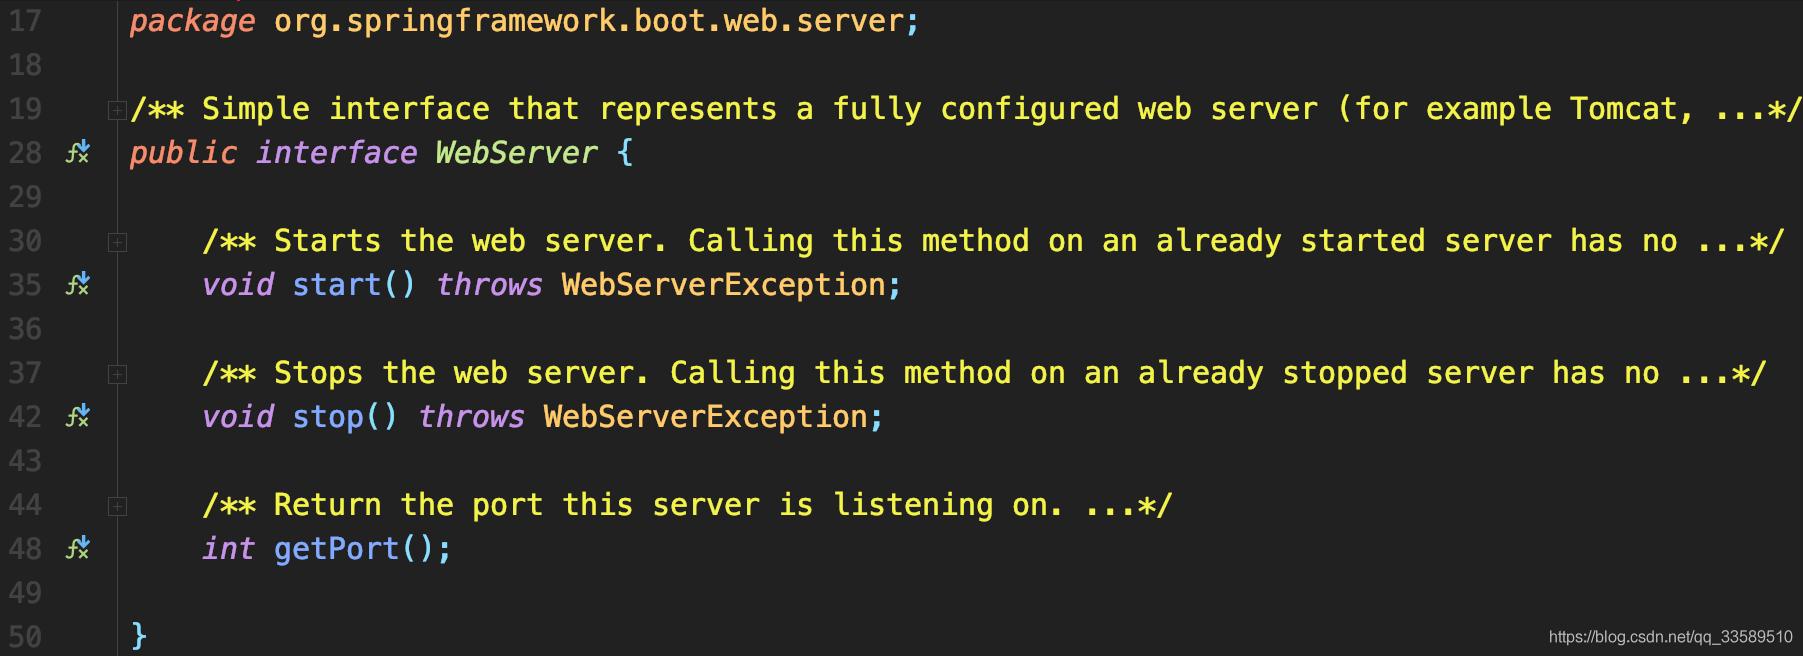 SpringBoot启动嵌入式Tomcat的实现步骤